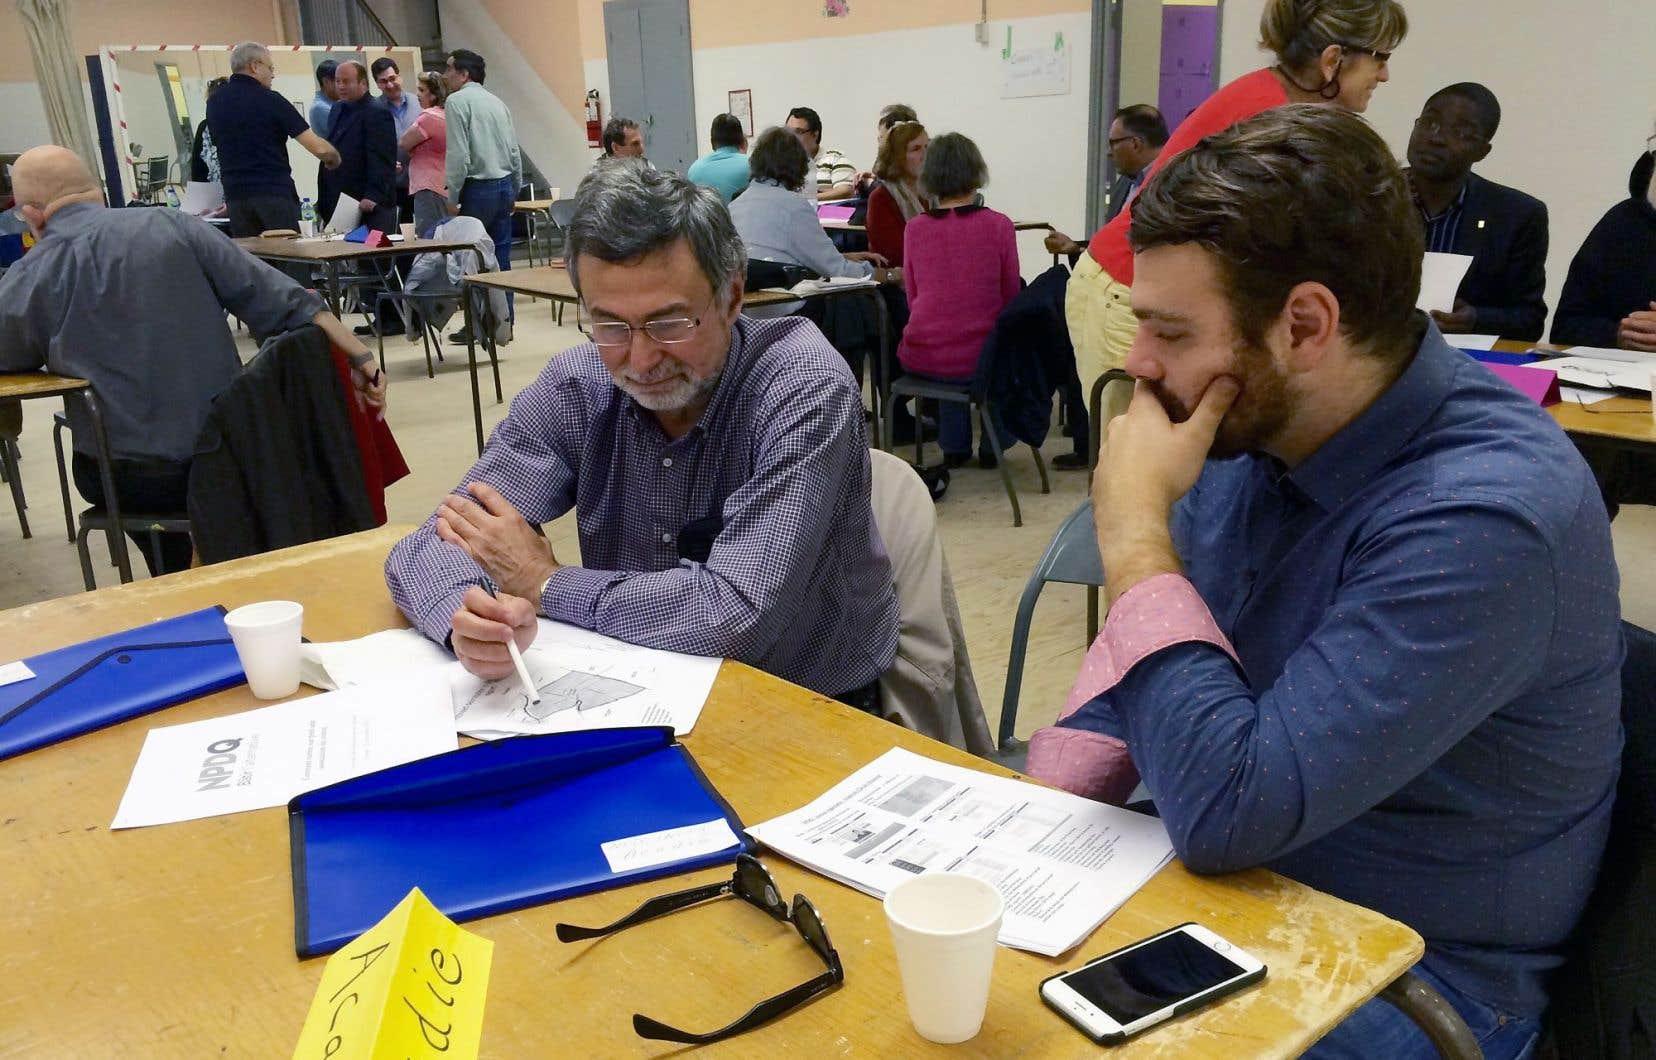 Deux militants du NPD-Q étudiaient la carte de la circonscription Acadie lors d'une discussion sur la manière de recruter des membres.